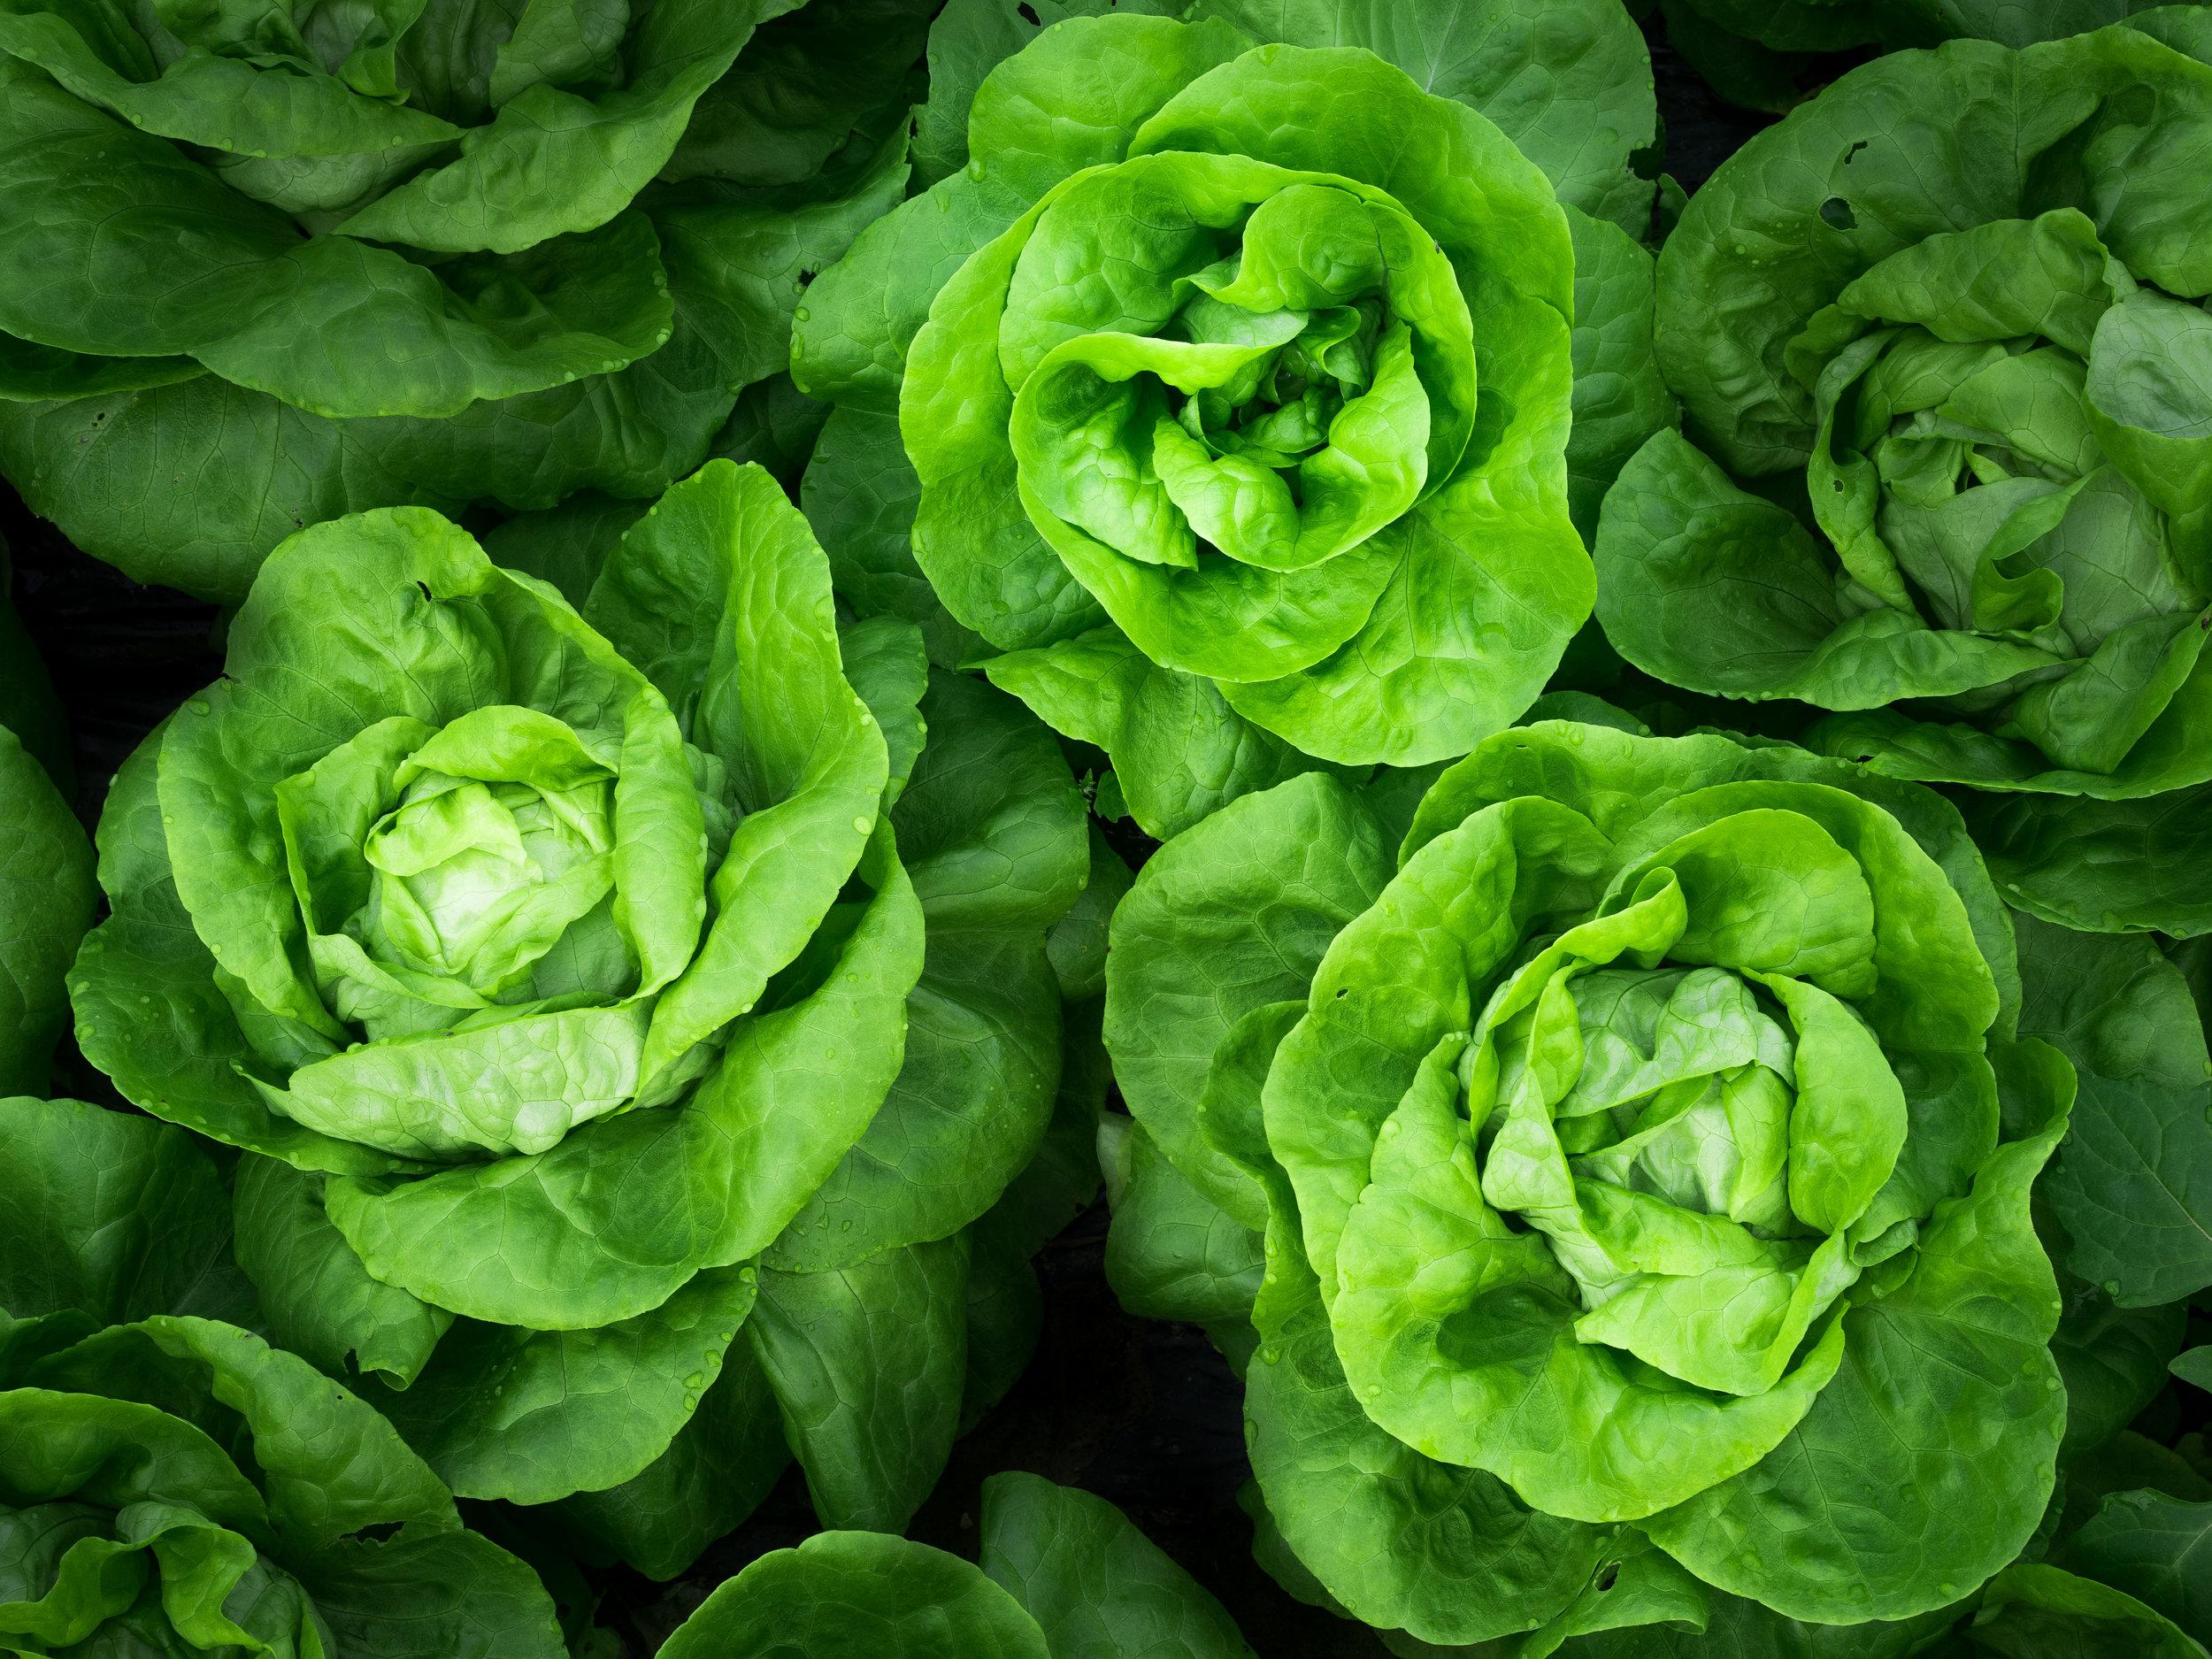 Salad The Street Diner